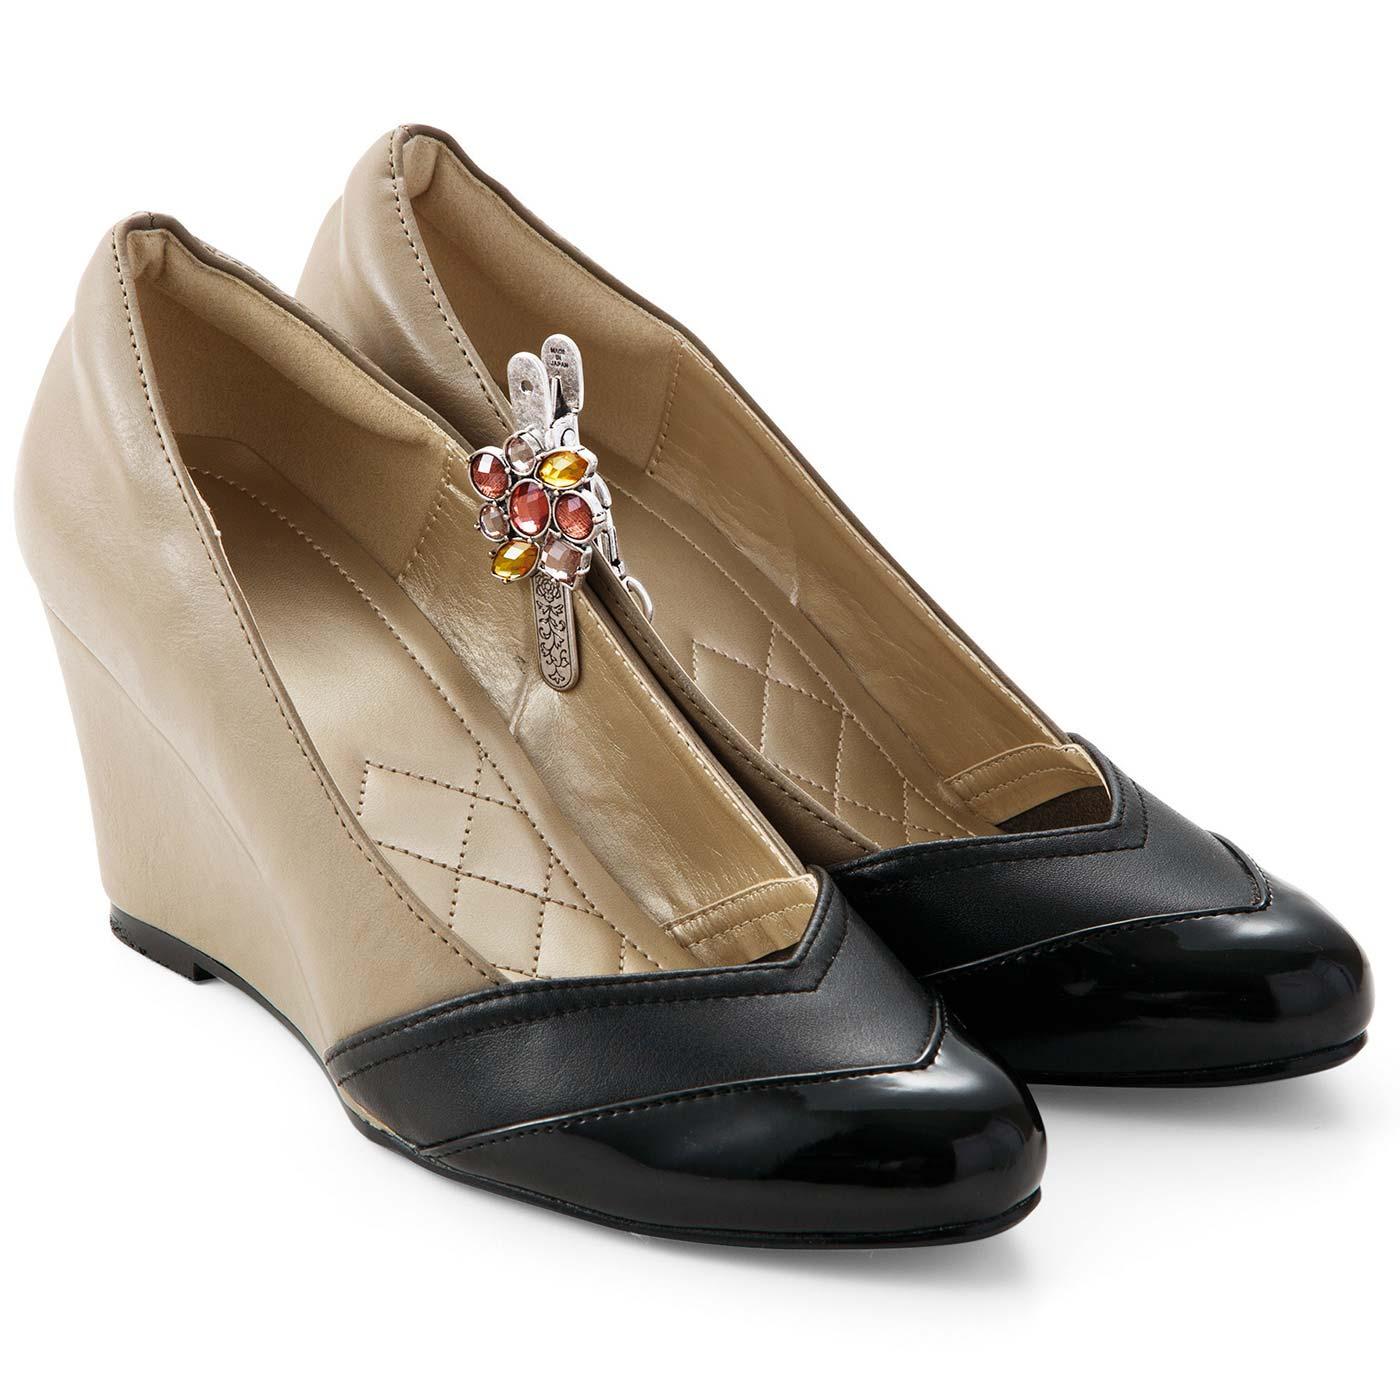 脱いだ靴をクリップで留めておけば目印に。